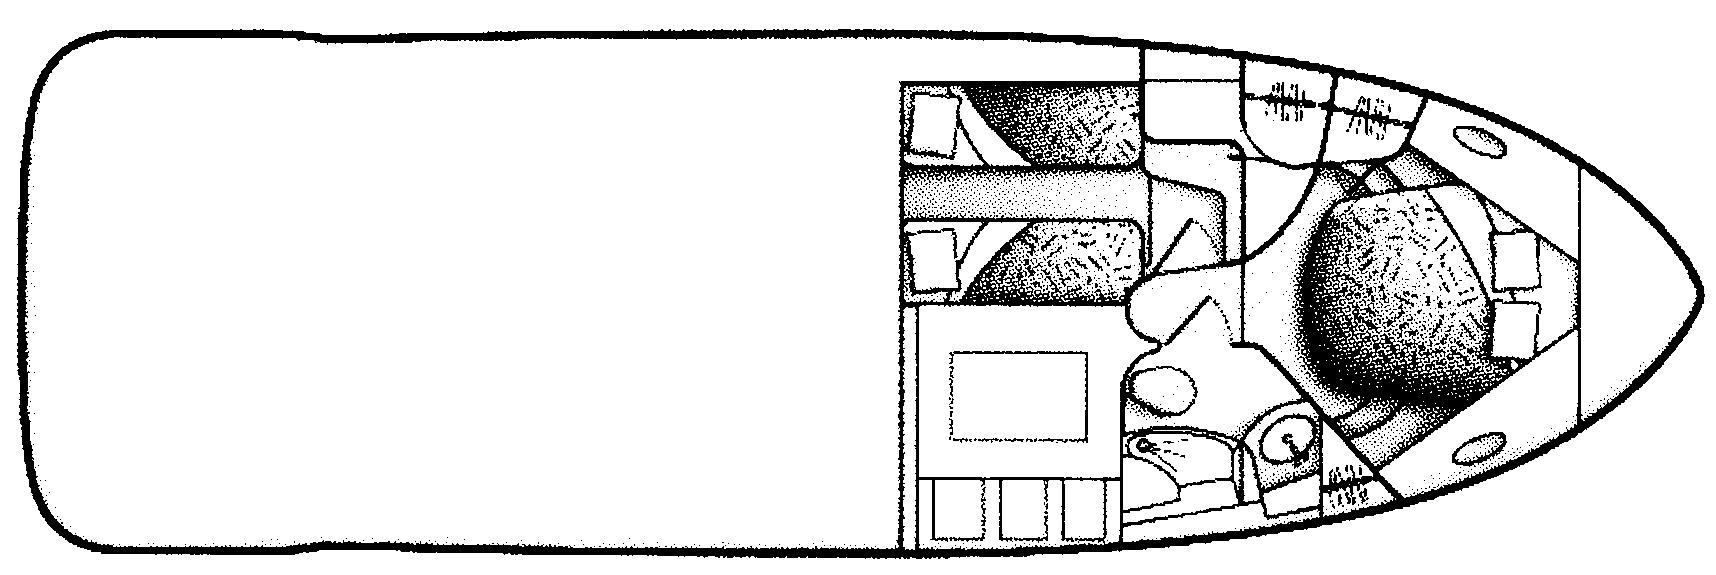 Carver 420 Mariner Floor Plan 2